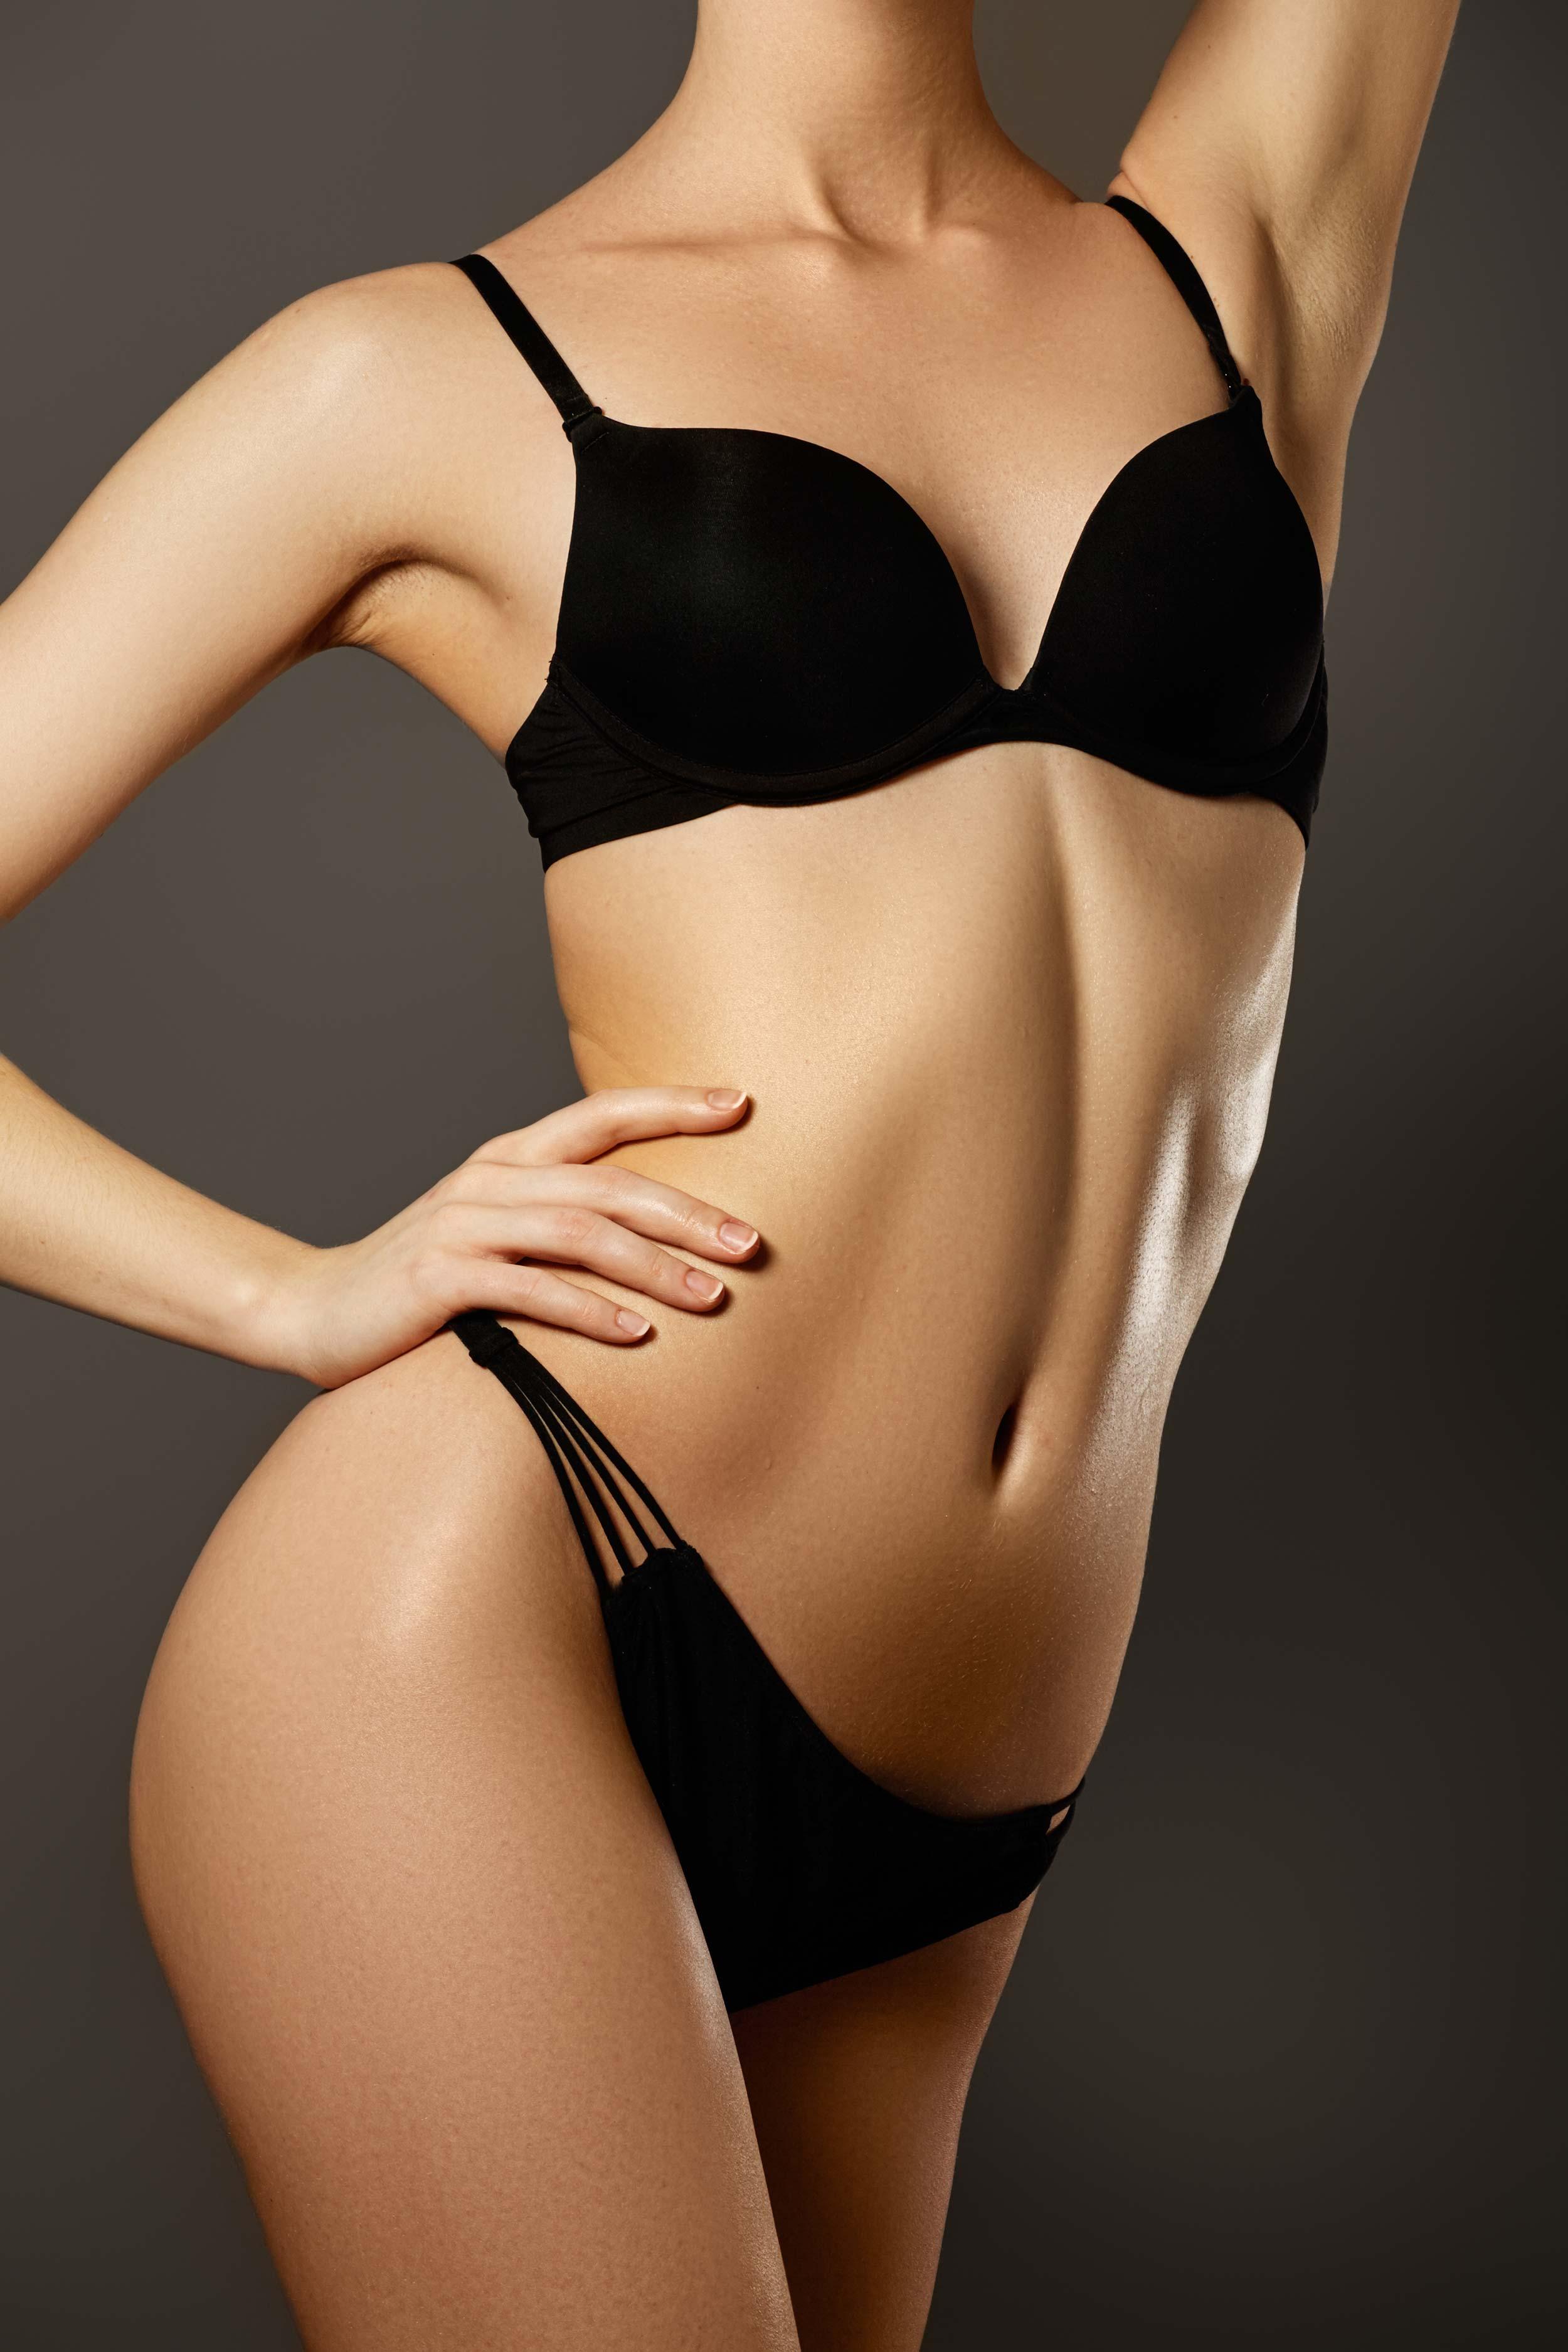 """<a href=""""/vaser-liposuction"""">Vaser Liposuction</a>"""